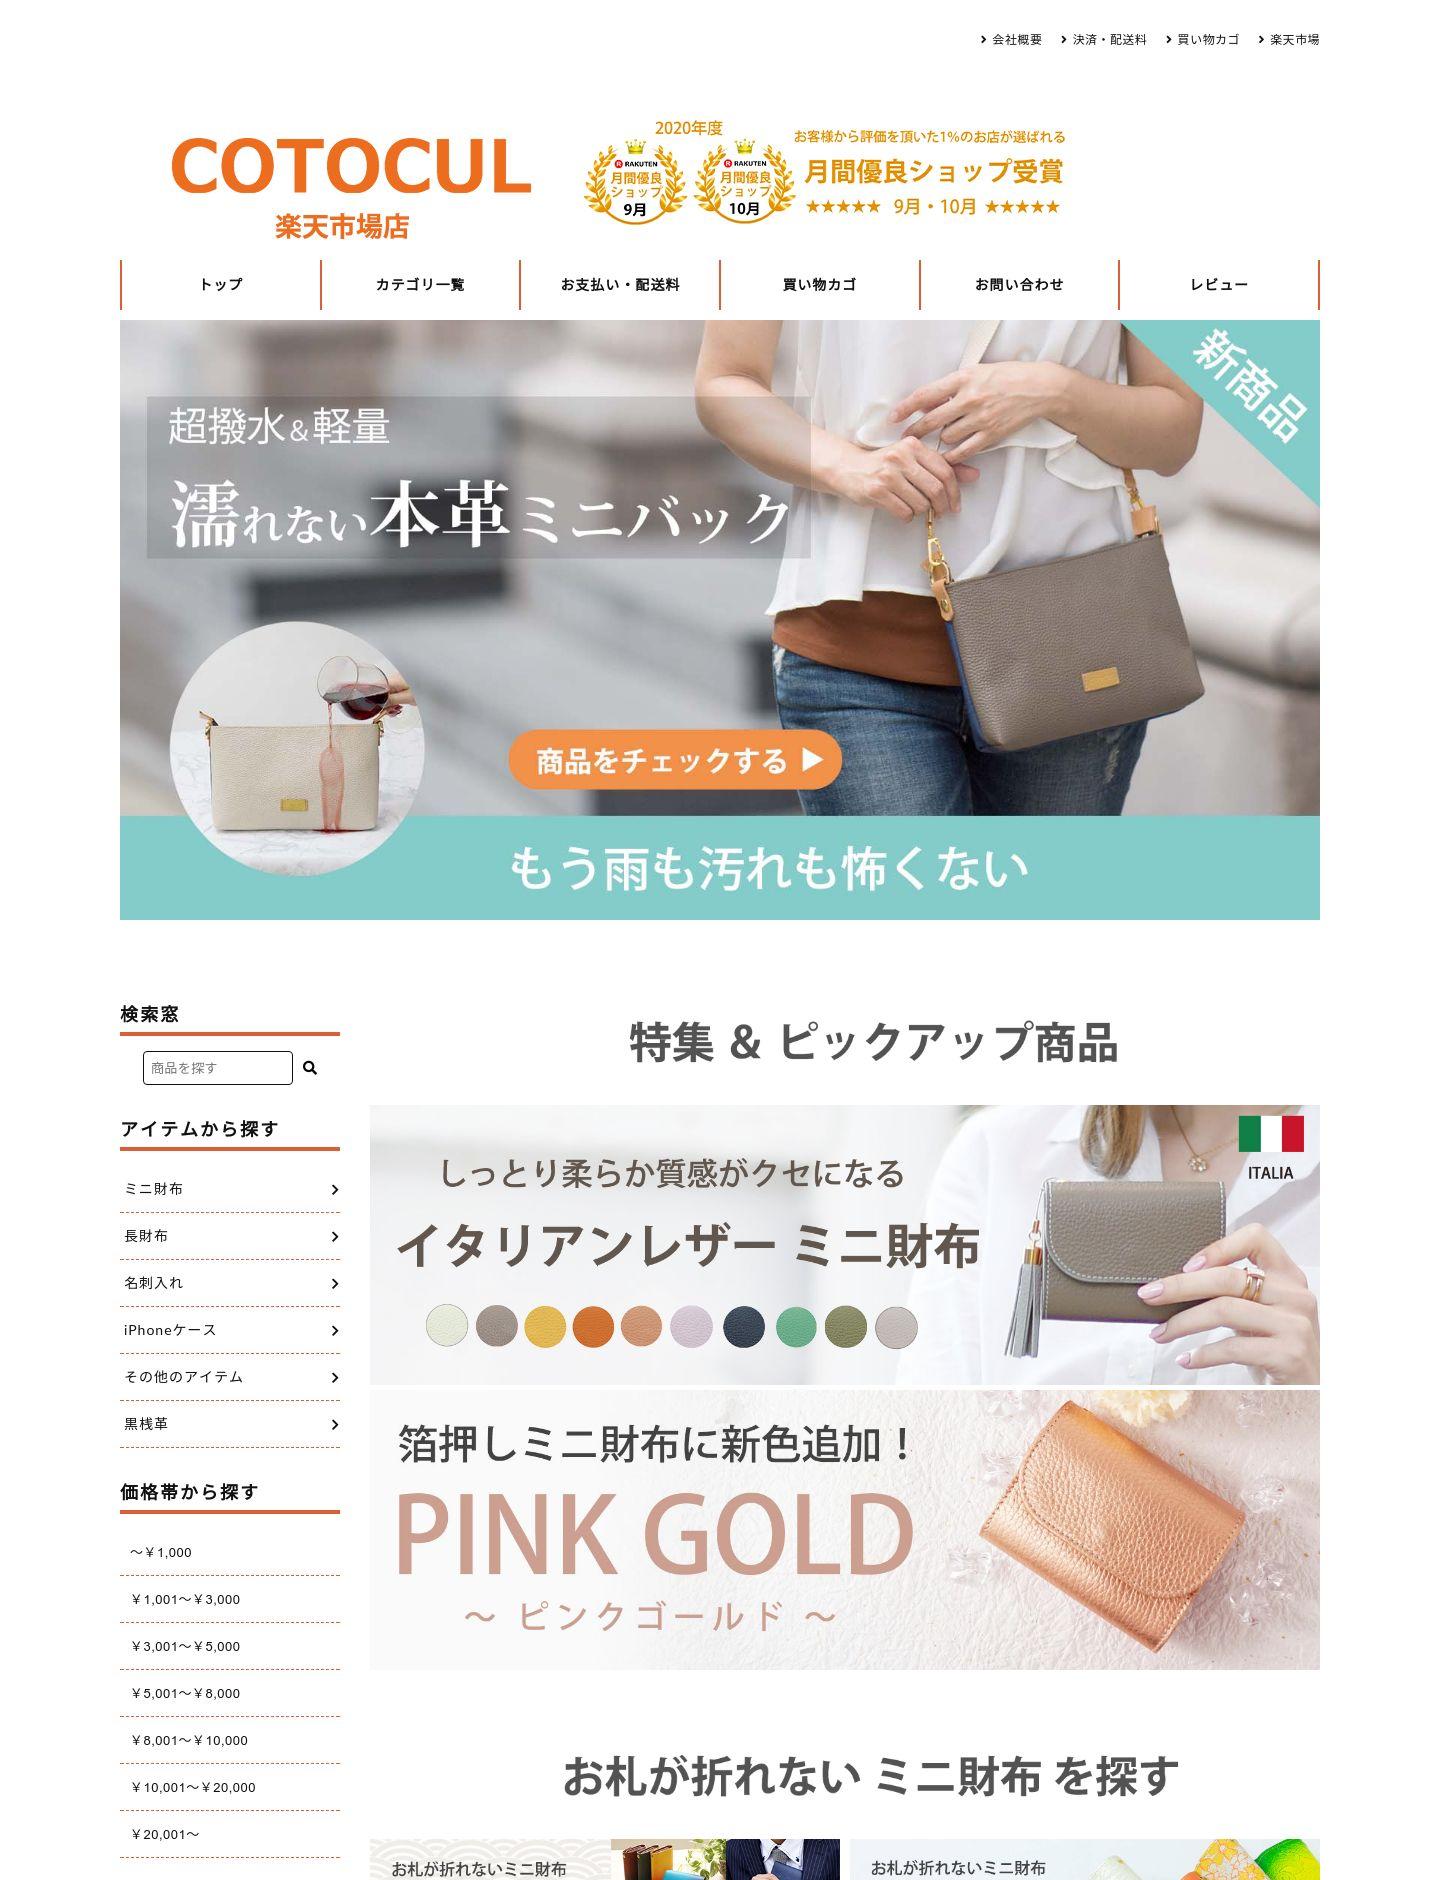 COTOCUL(コトカル)様 サイト画像